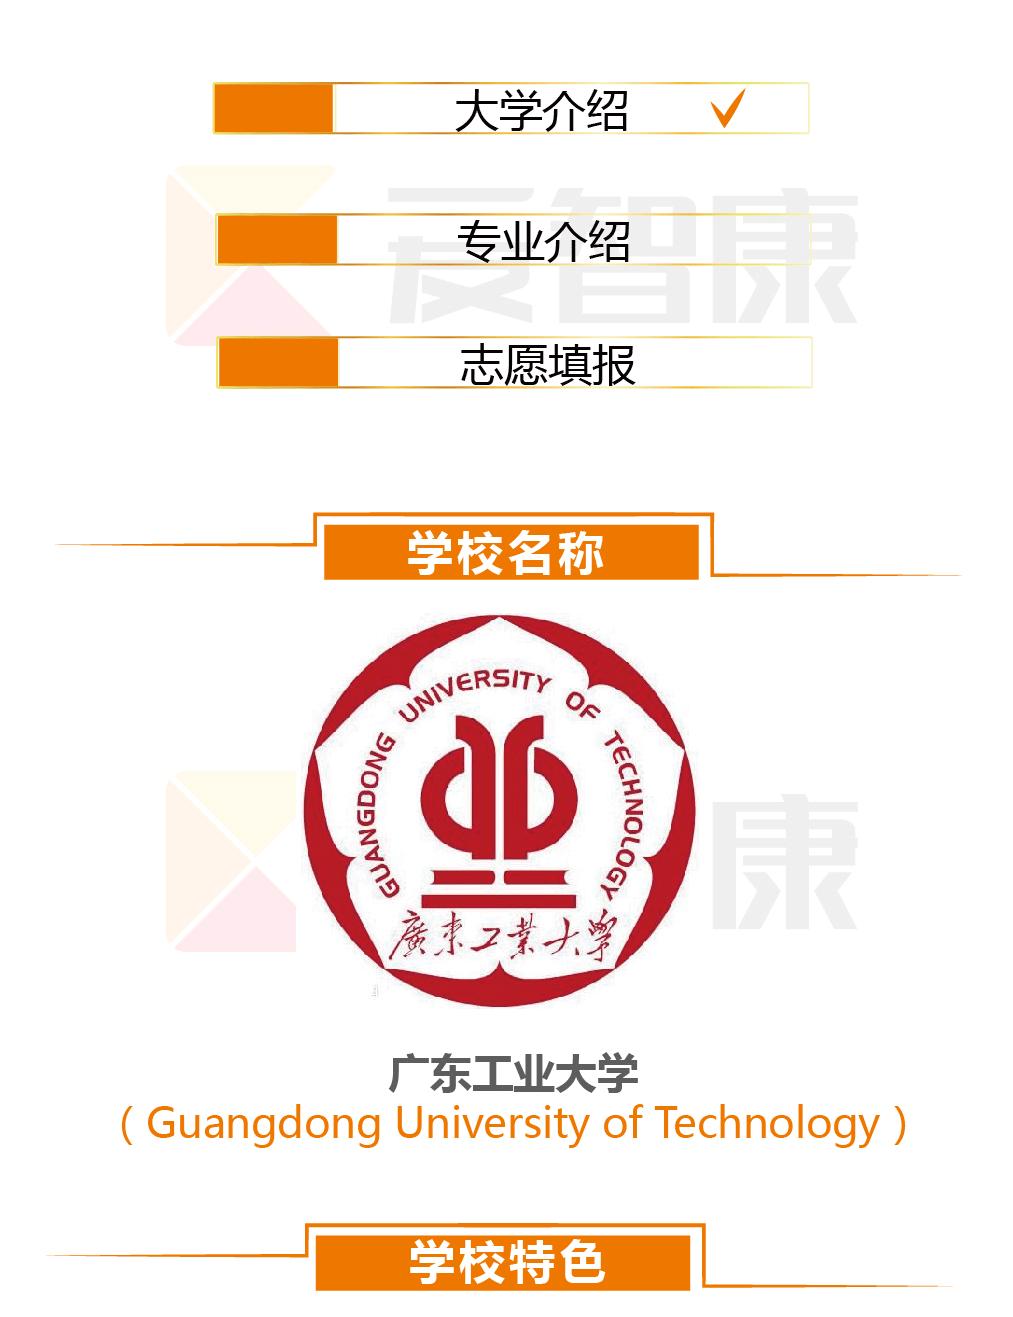 广东工业大学图标